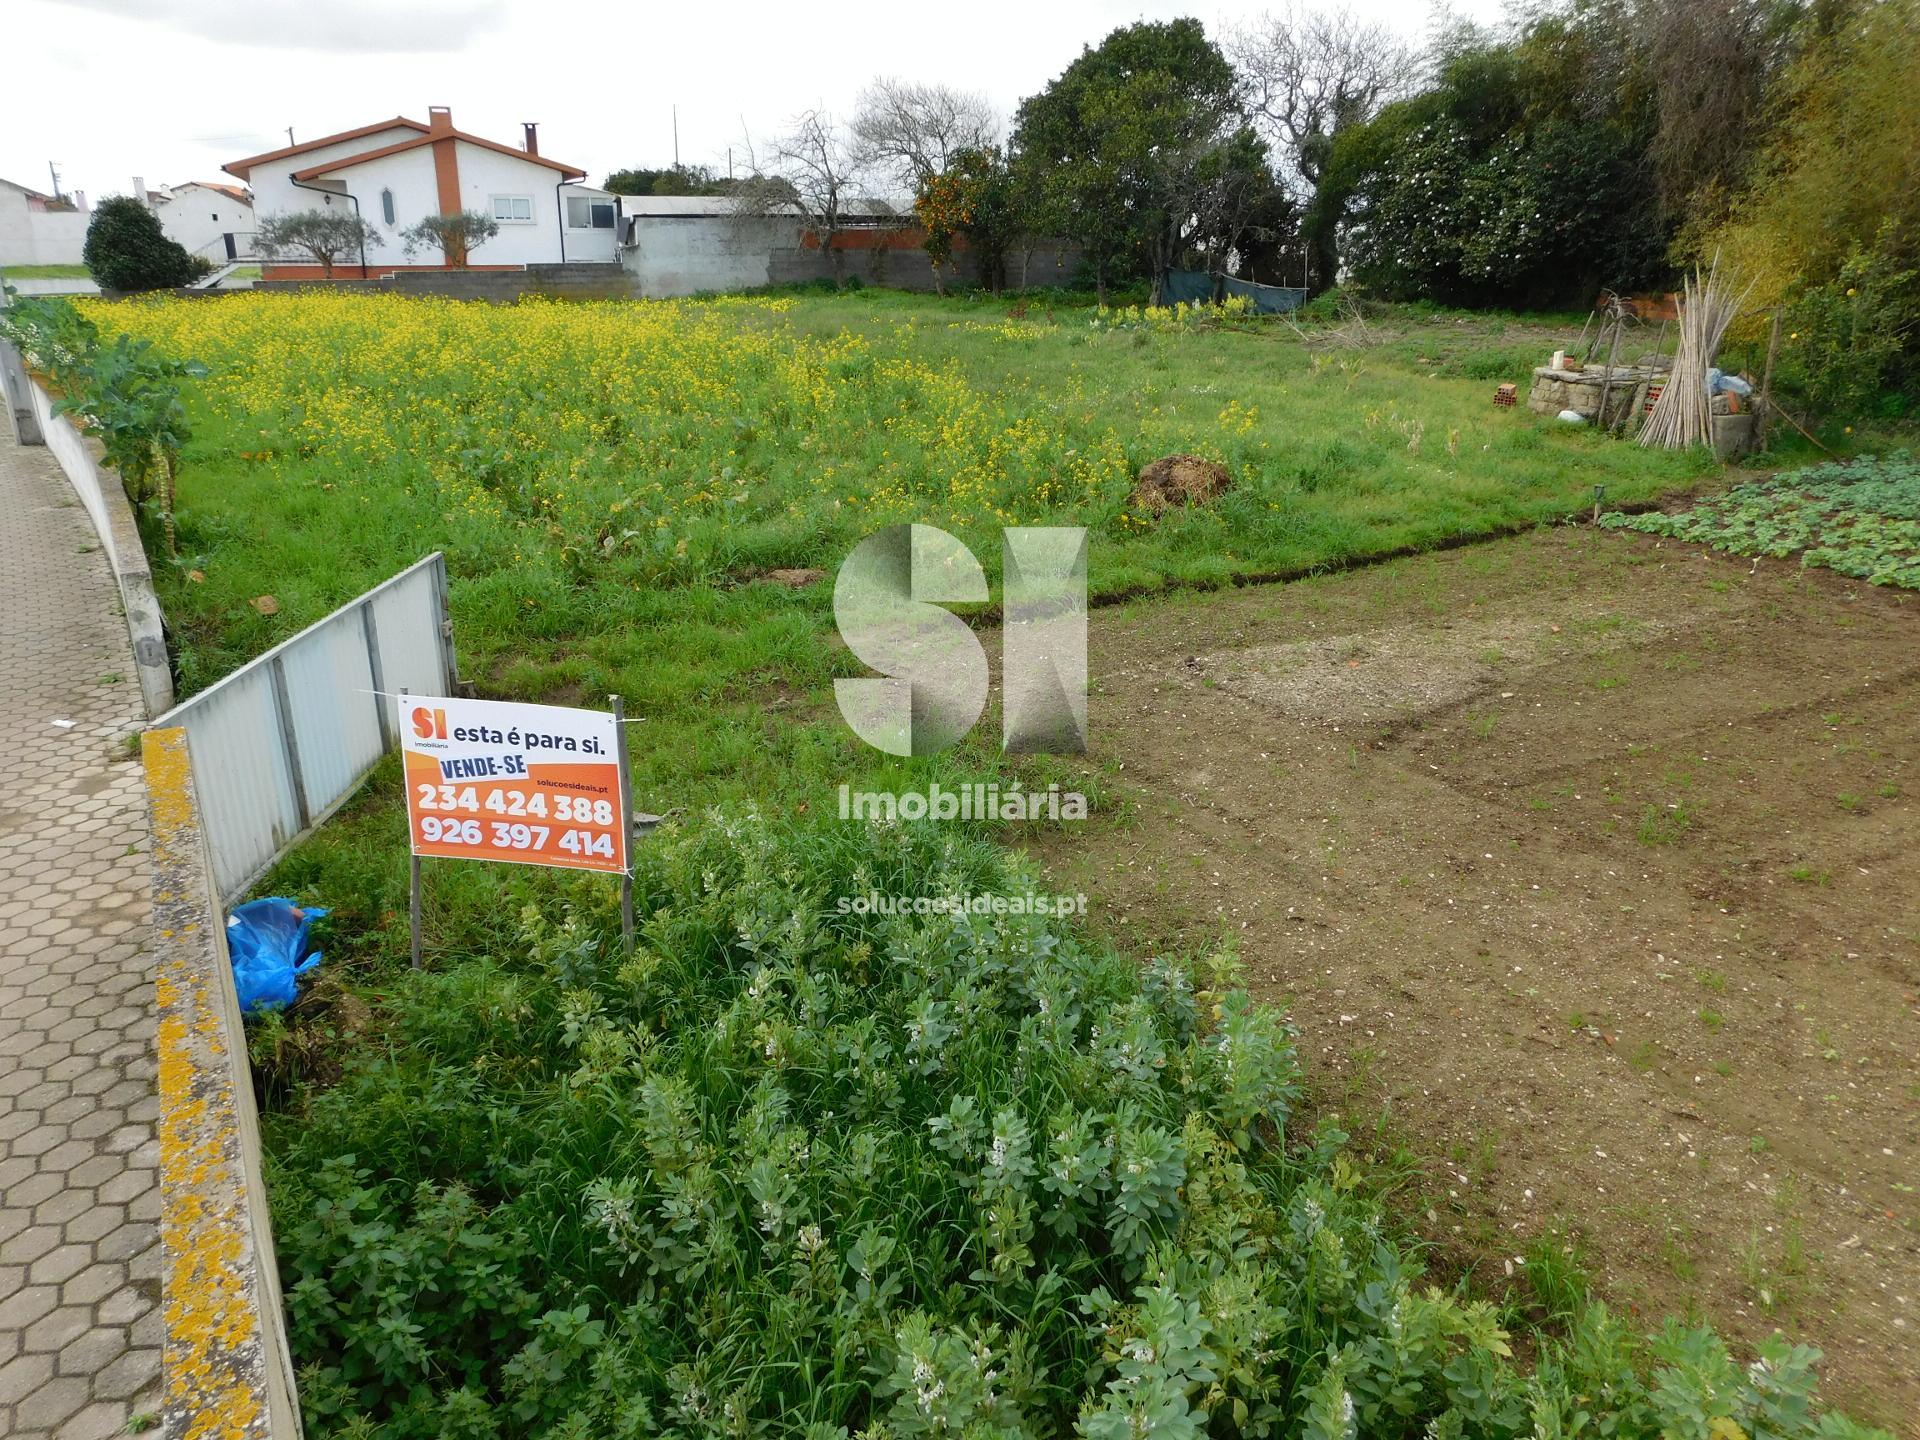 terreno para compra em aveiro oliveirinha AVGDG1736